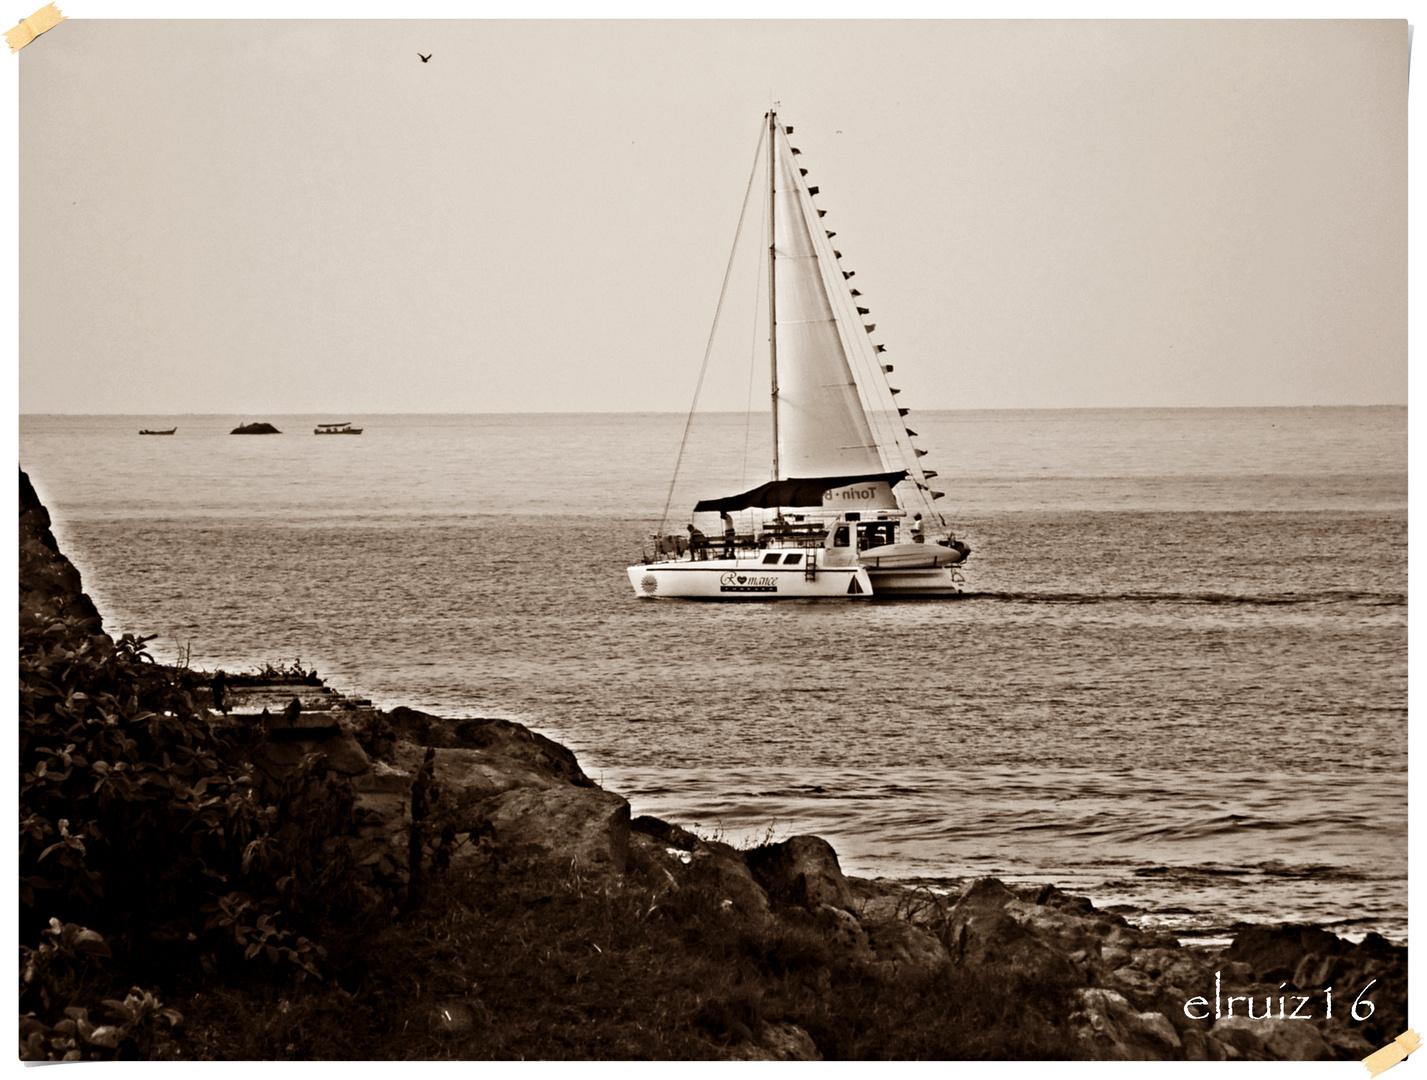 Llegando a puerto.